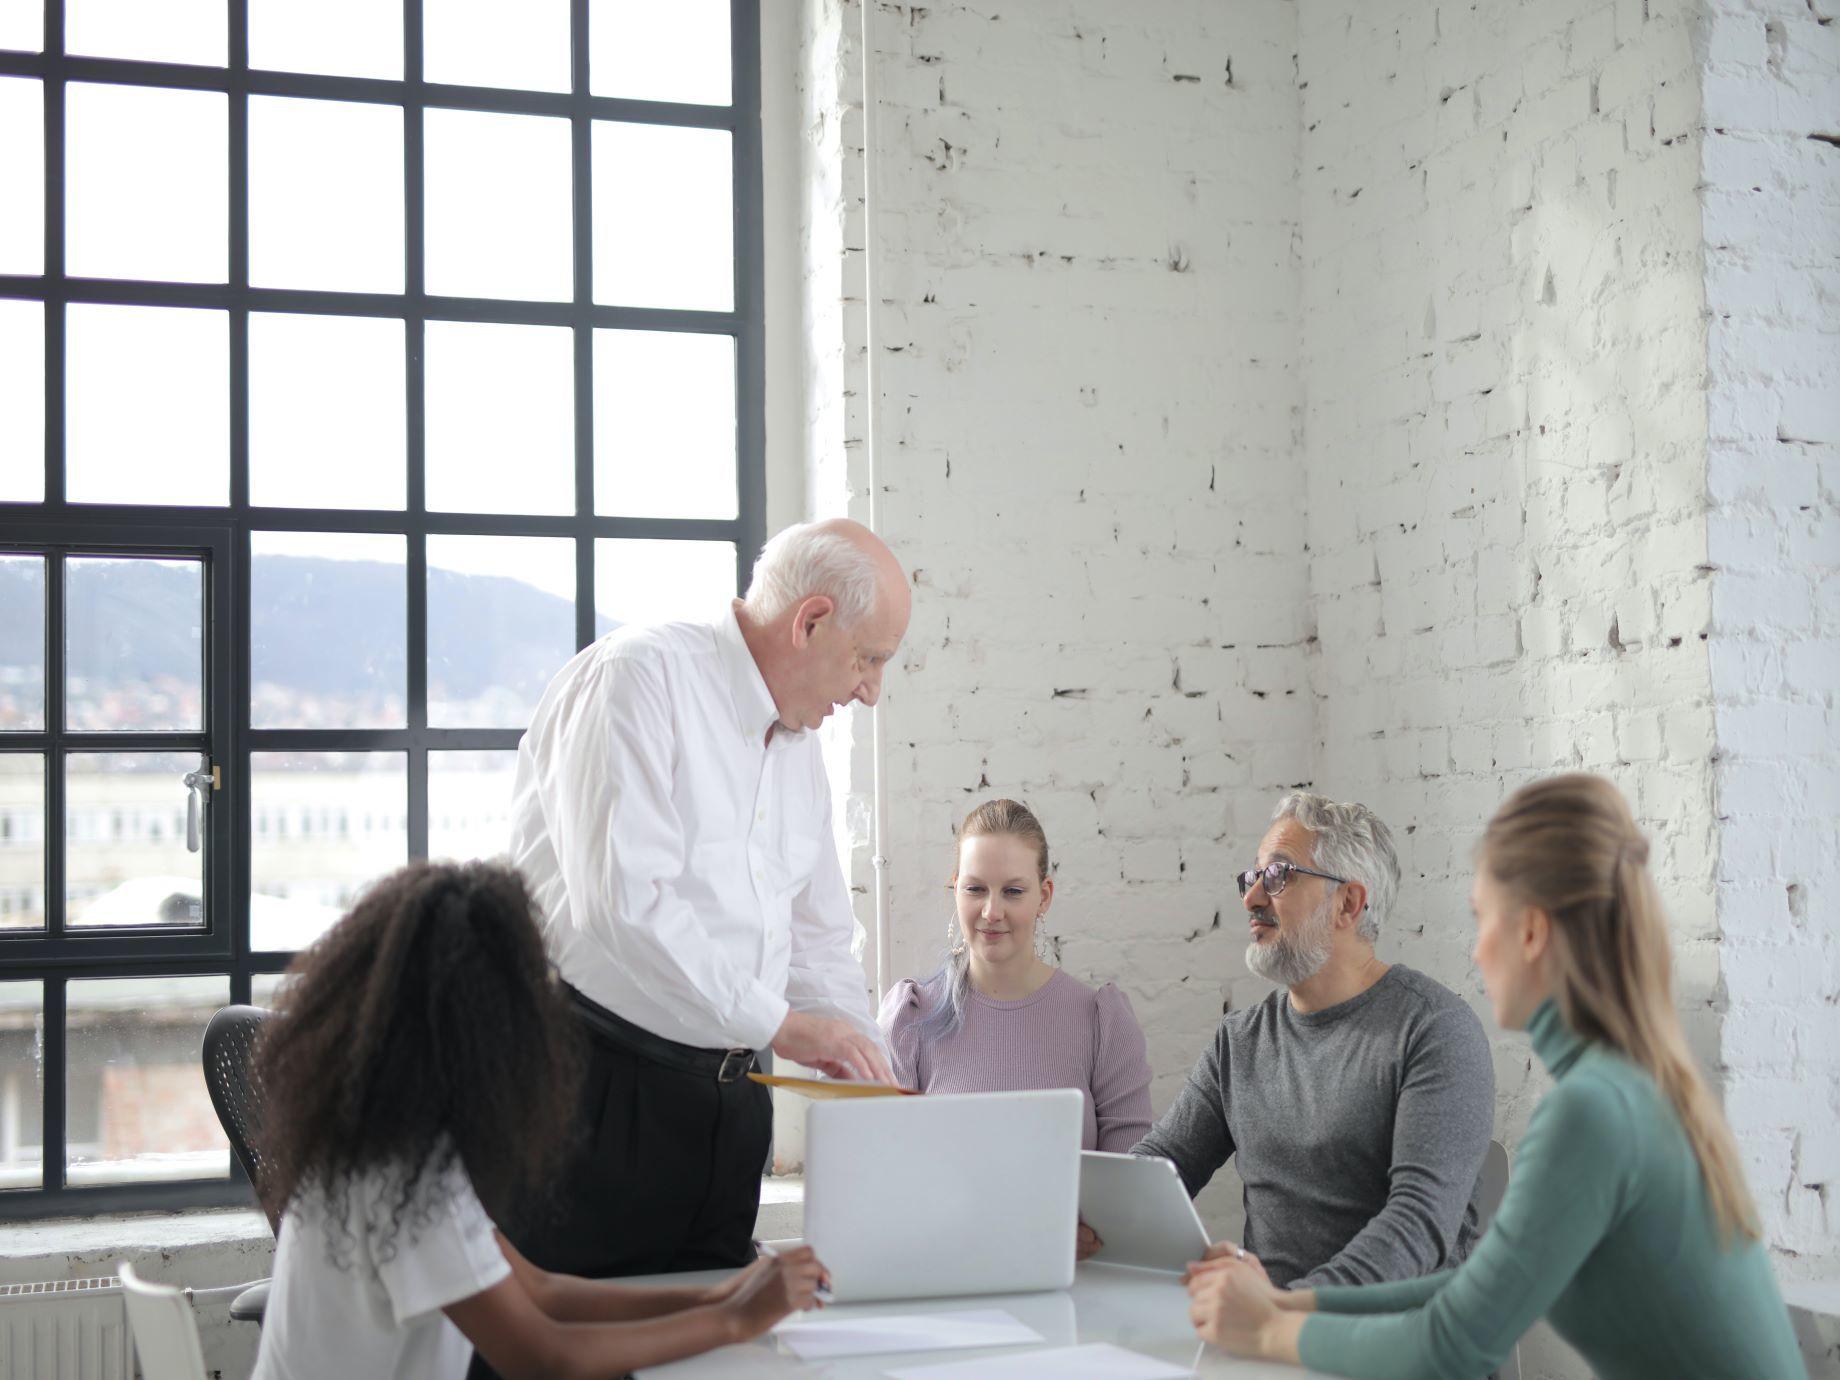 會議場合坐哪裡?利用大腦特性選對位置,讓老闆主動想點你發言!